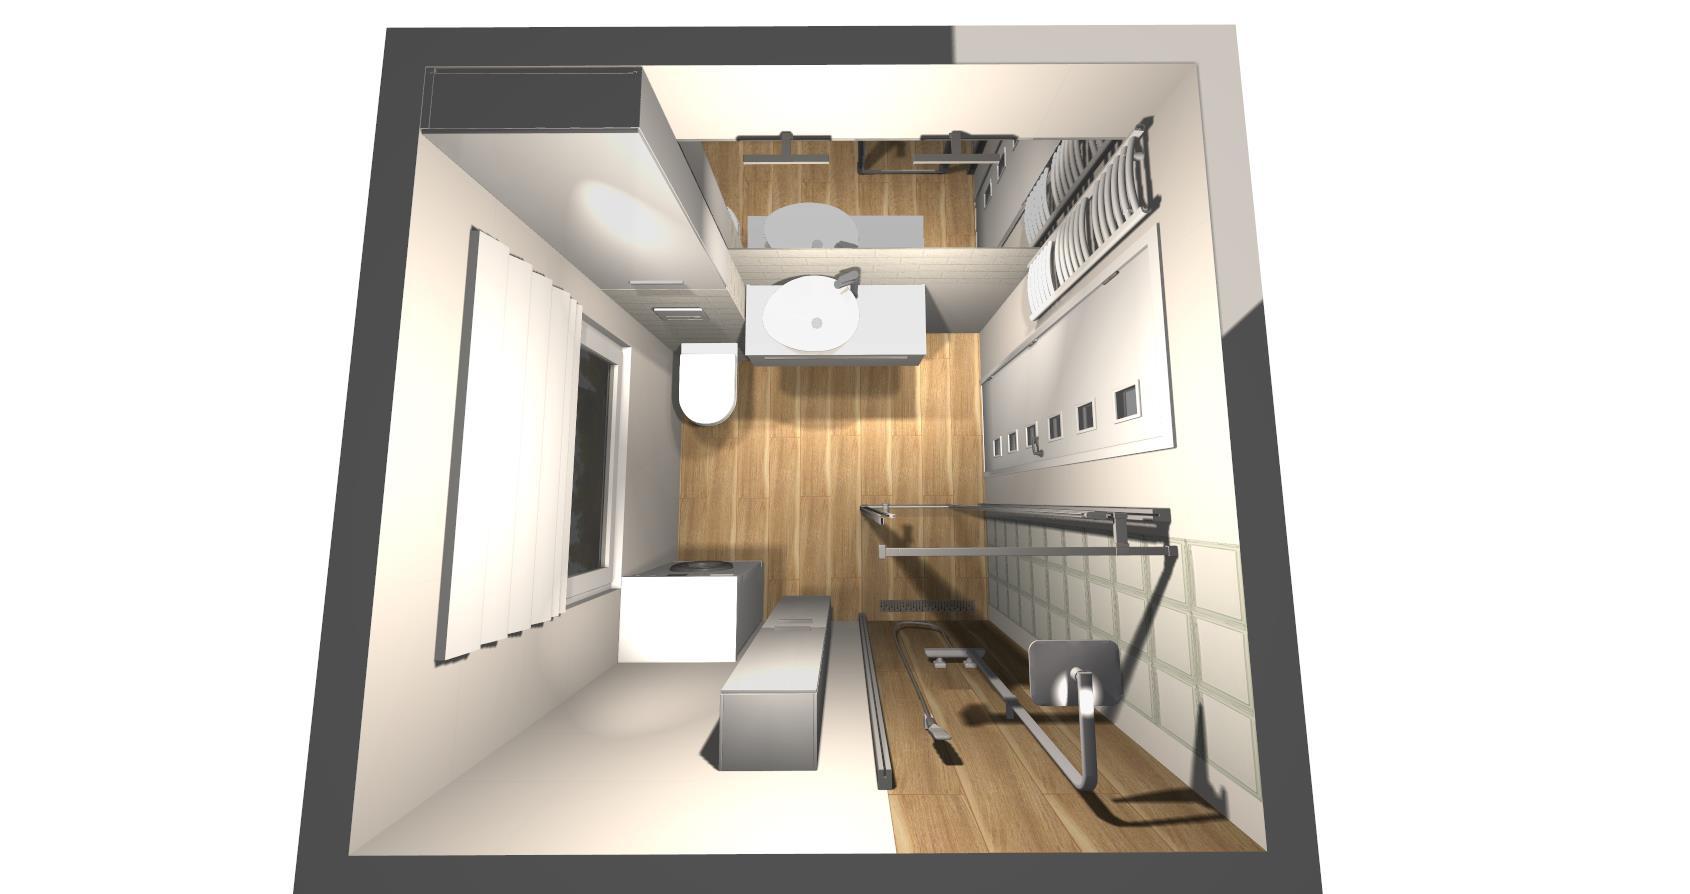 Biała mała łazienka z oknem - nasz projekt oraz inspiracje